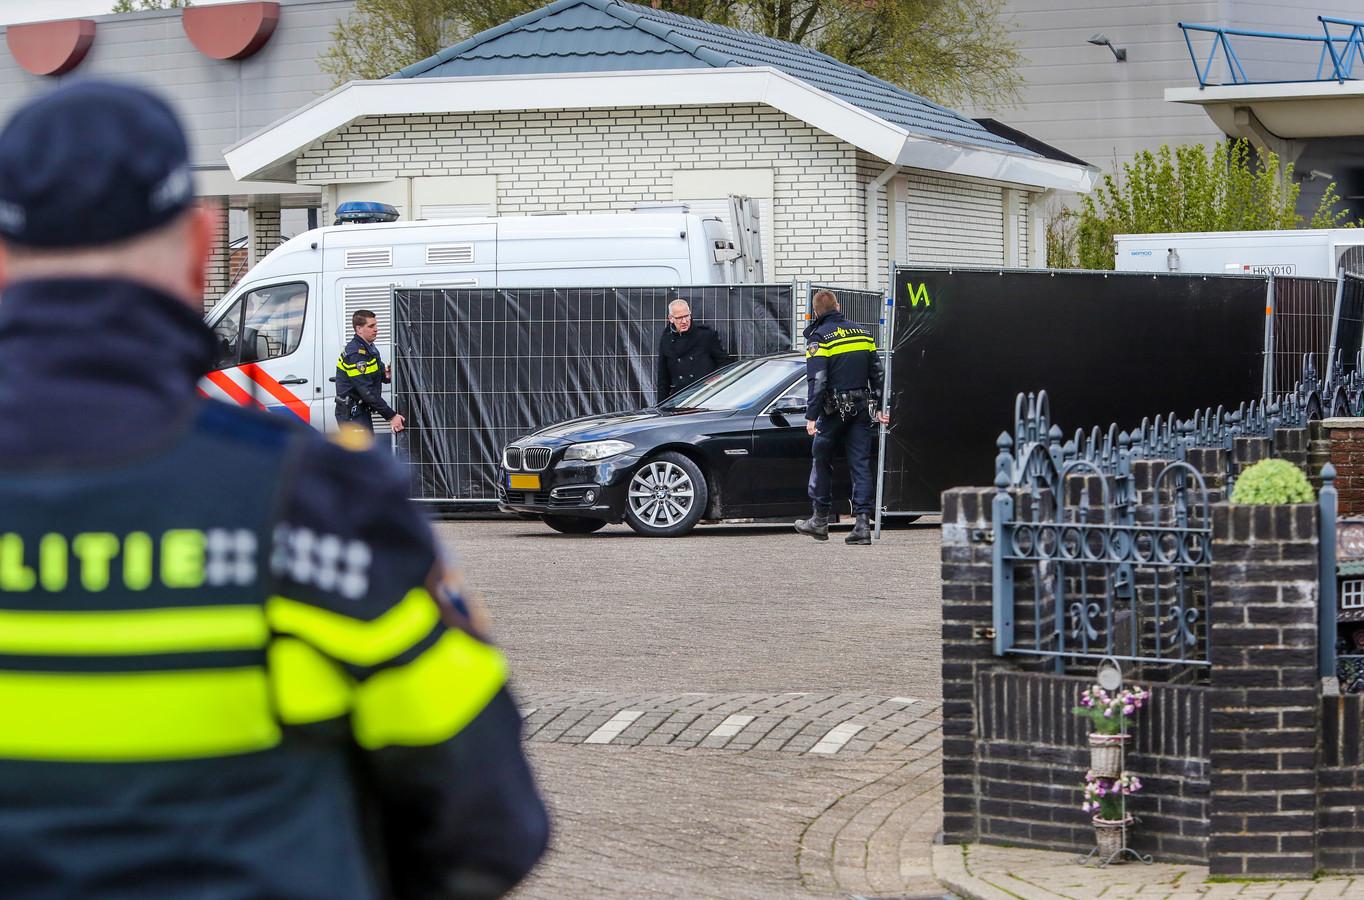 Grietje B. uit Deventer, die wordt verdacht van het doodschieten van haar echtgenoot Lauwie van Lies komt aan in een geblindeerde auto.